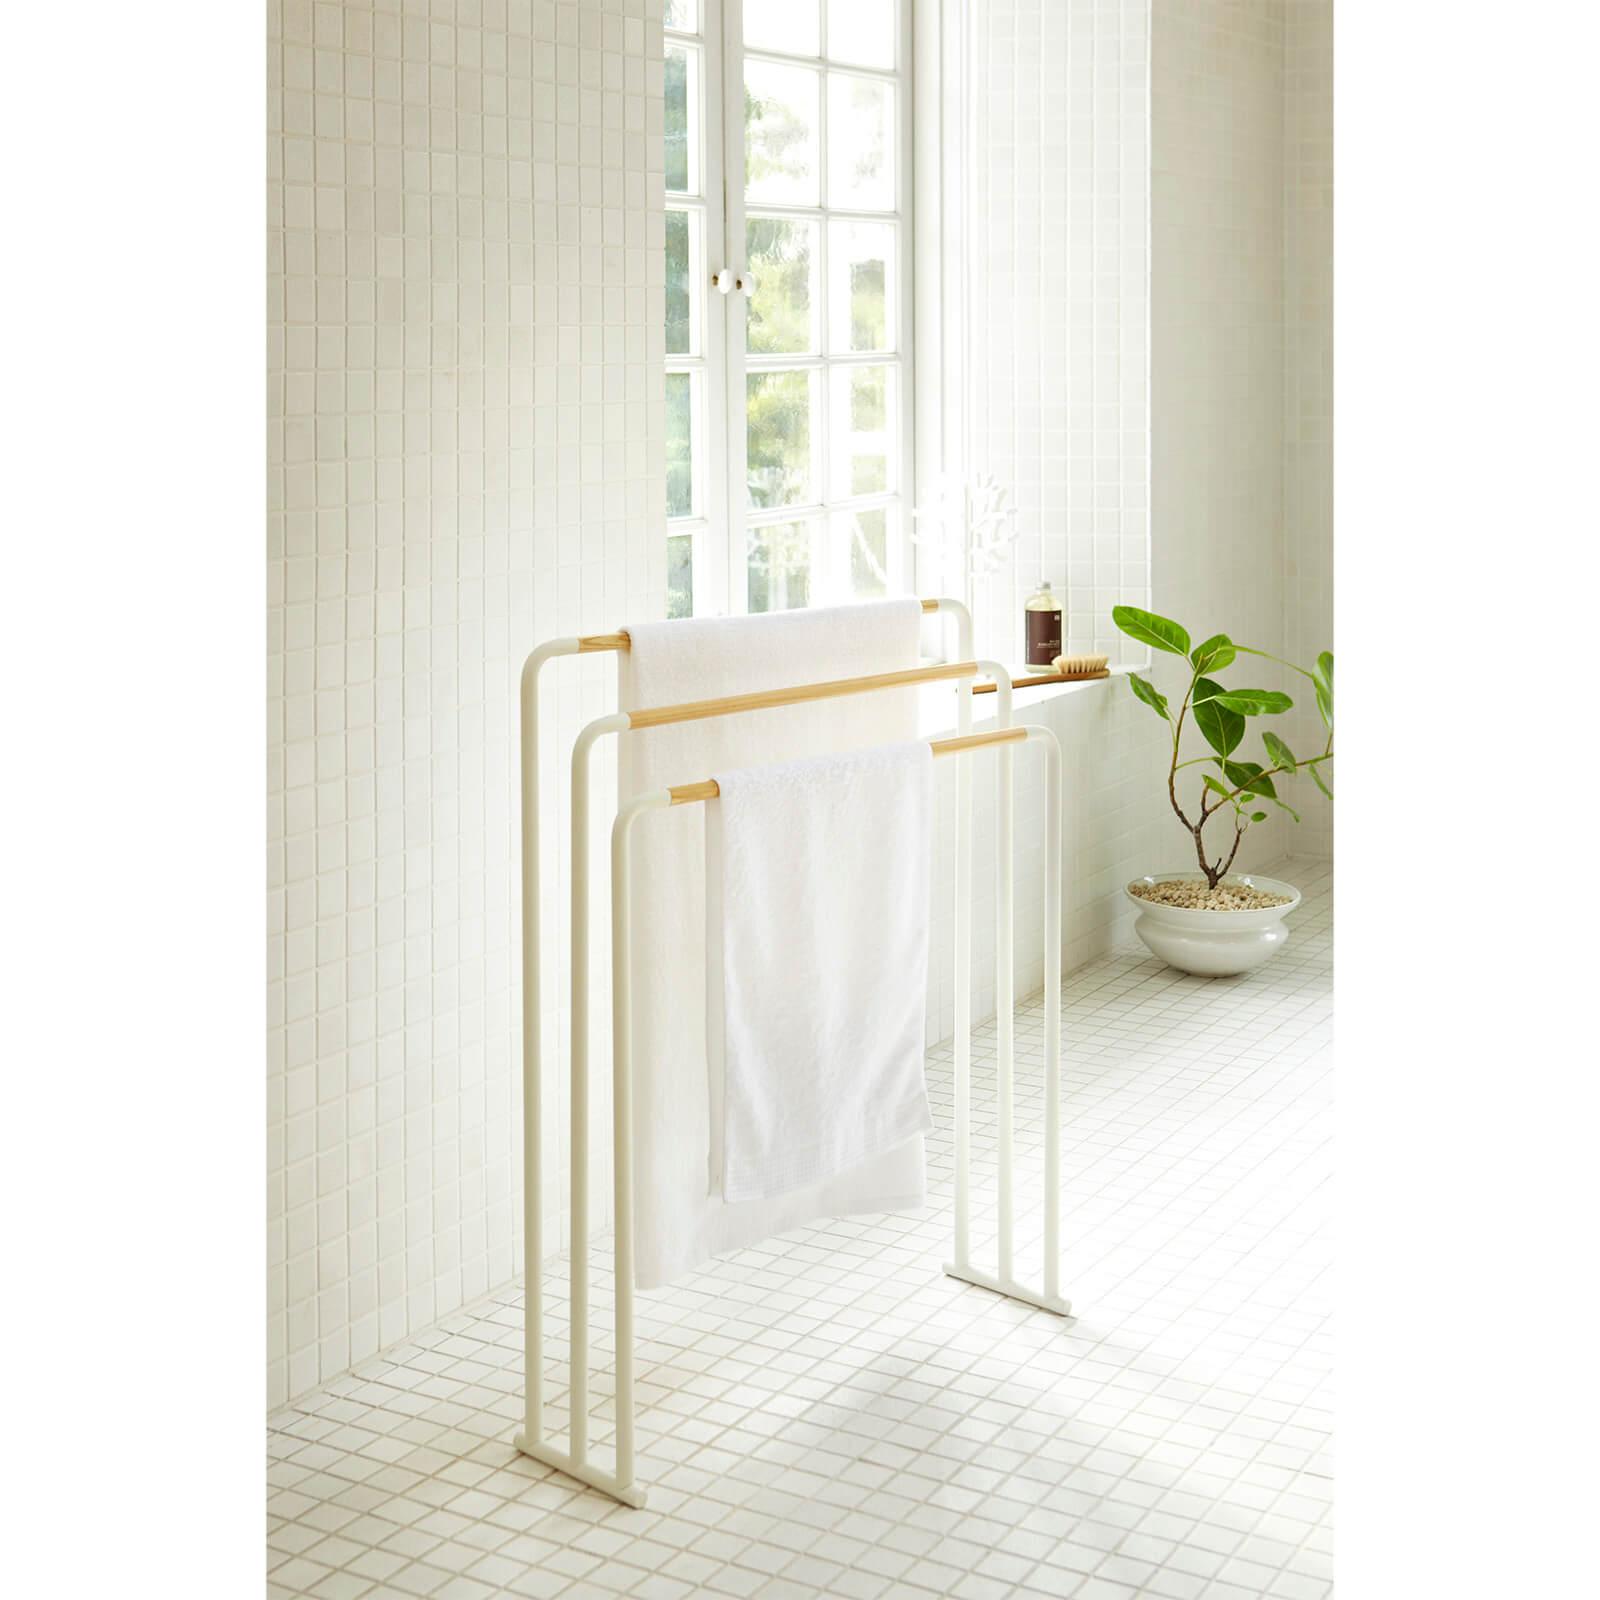 Yamazaki - Freestanding Towel Rack - White